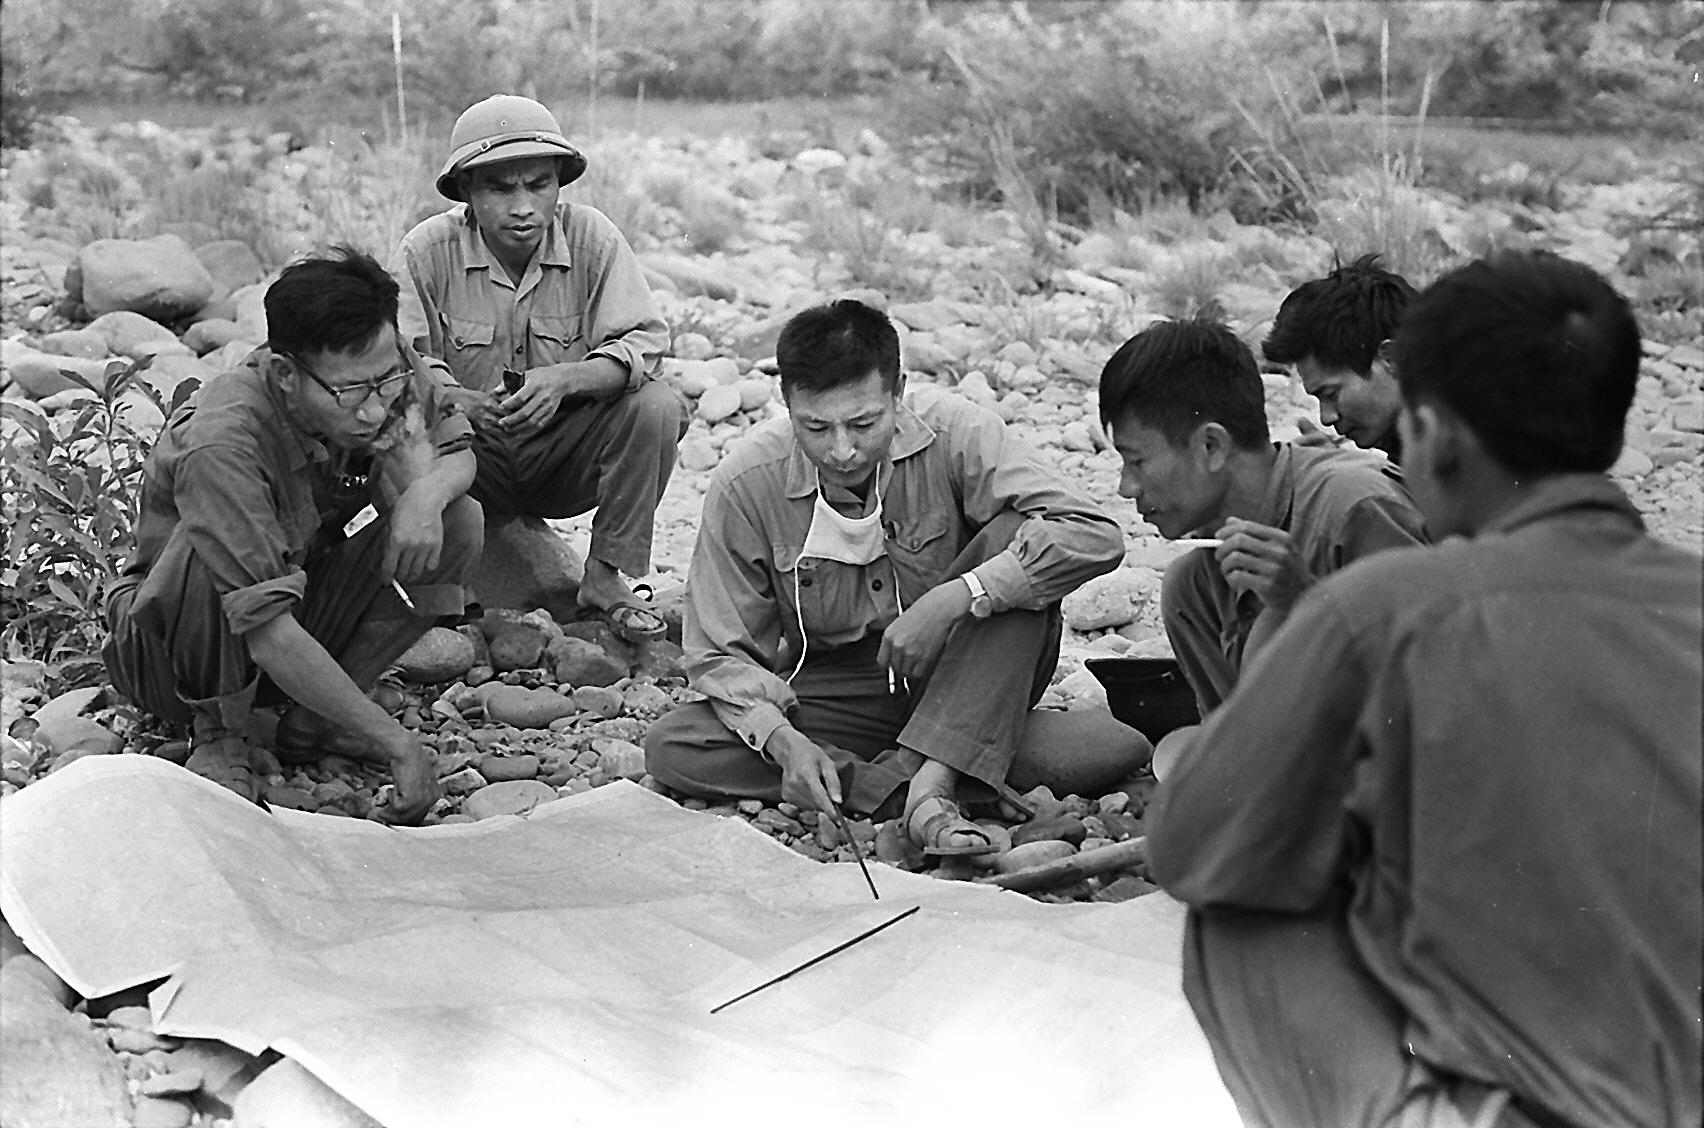 Tư lệnh Đồng Sĩ Nguyên thị sát thực địa trên Trường Sơn